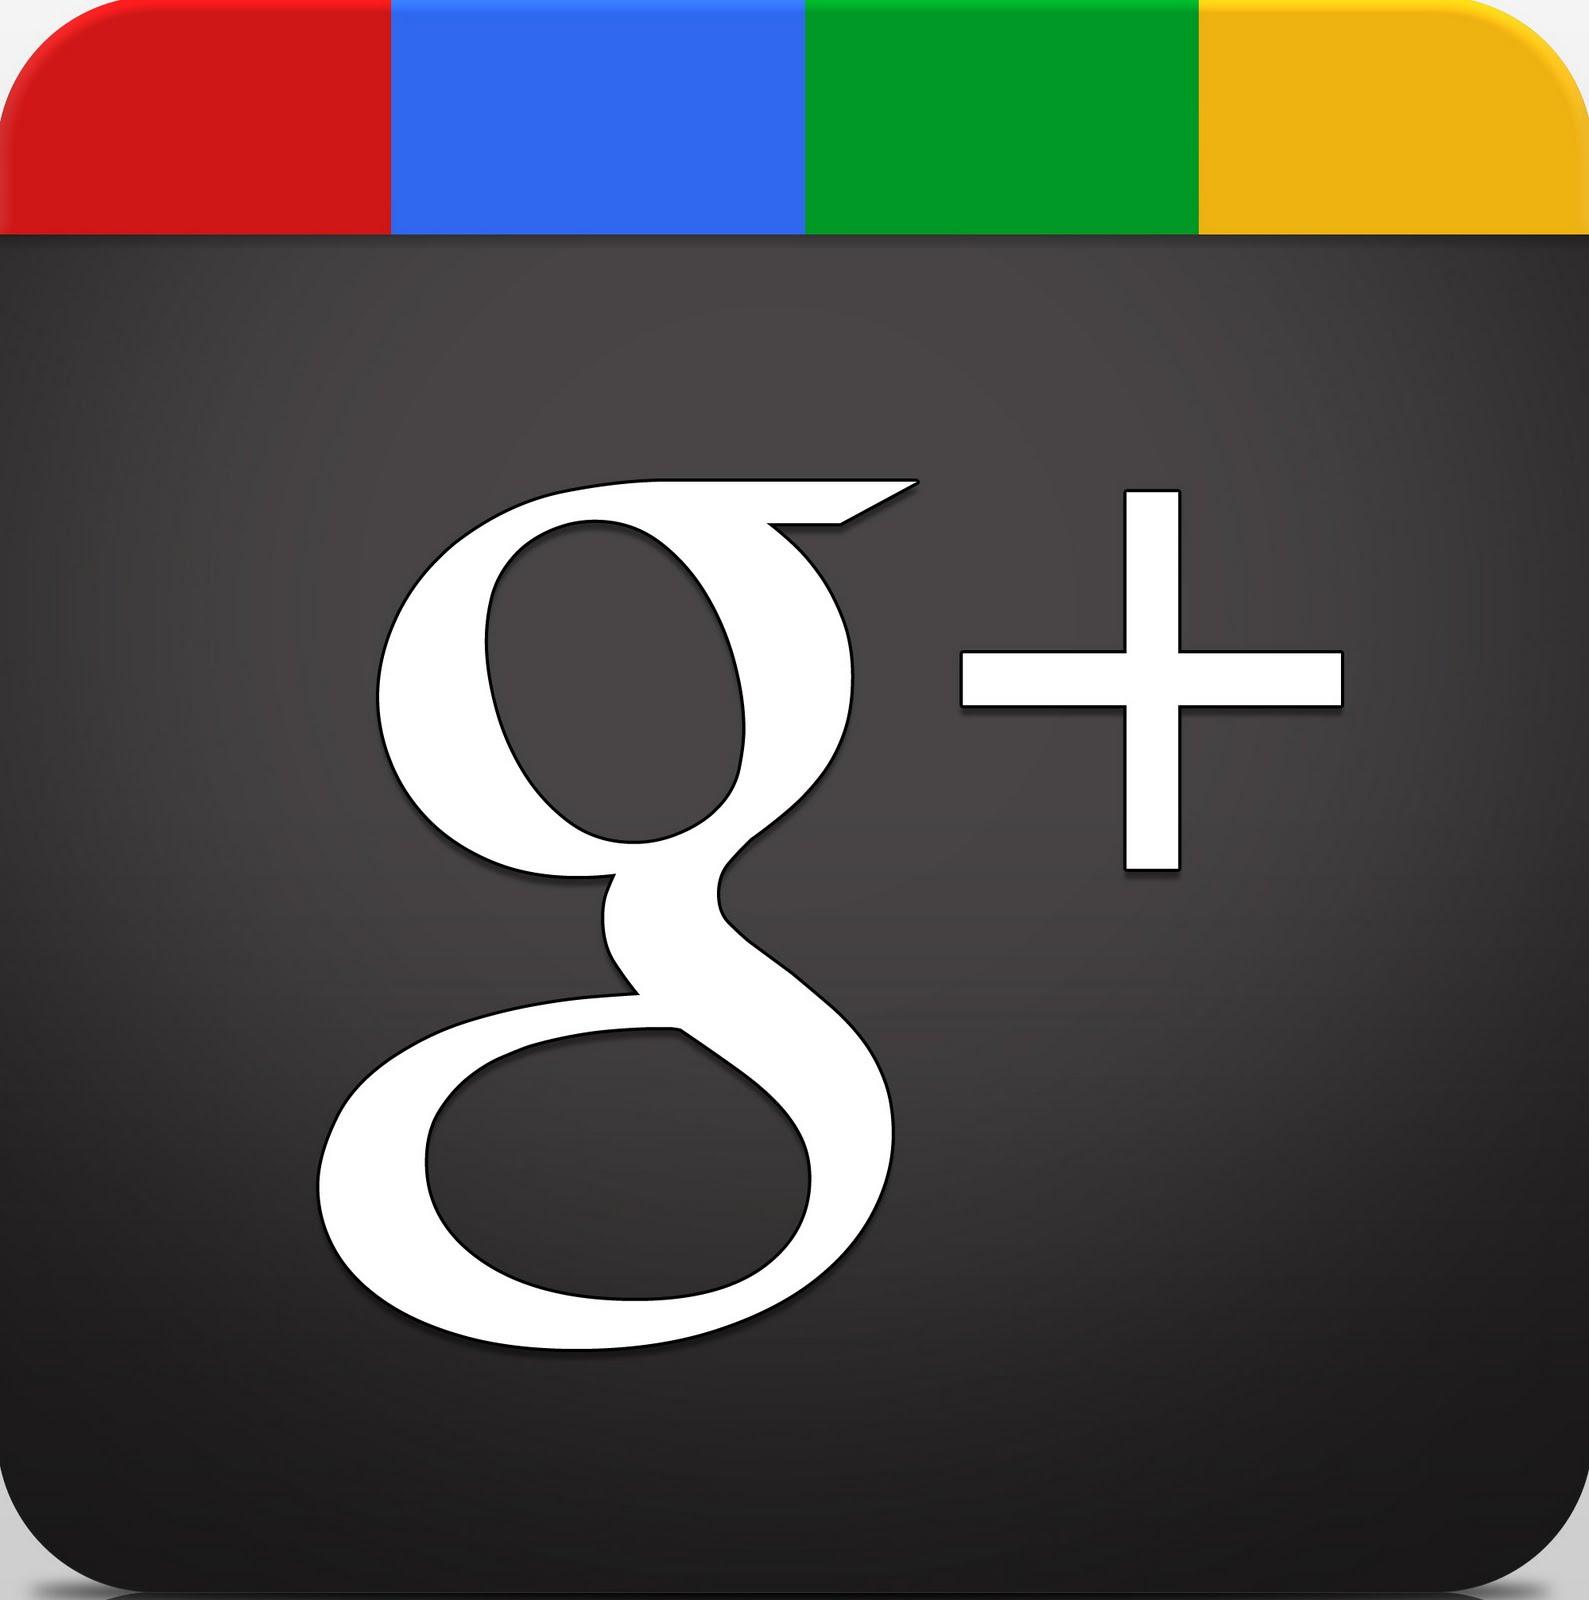 Aspirationn'elle - Consultant en réseaux sociaux - Logo Google Plus - Logo Google +